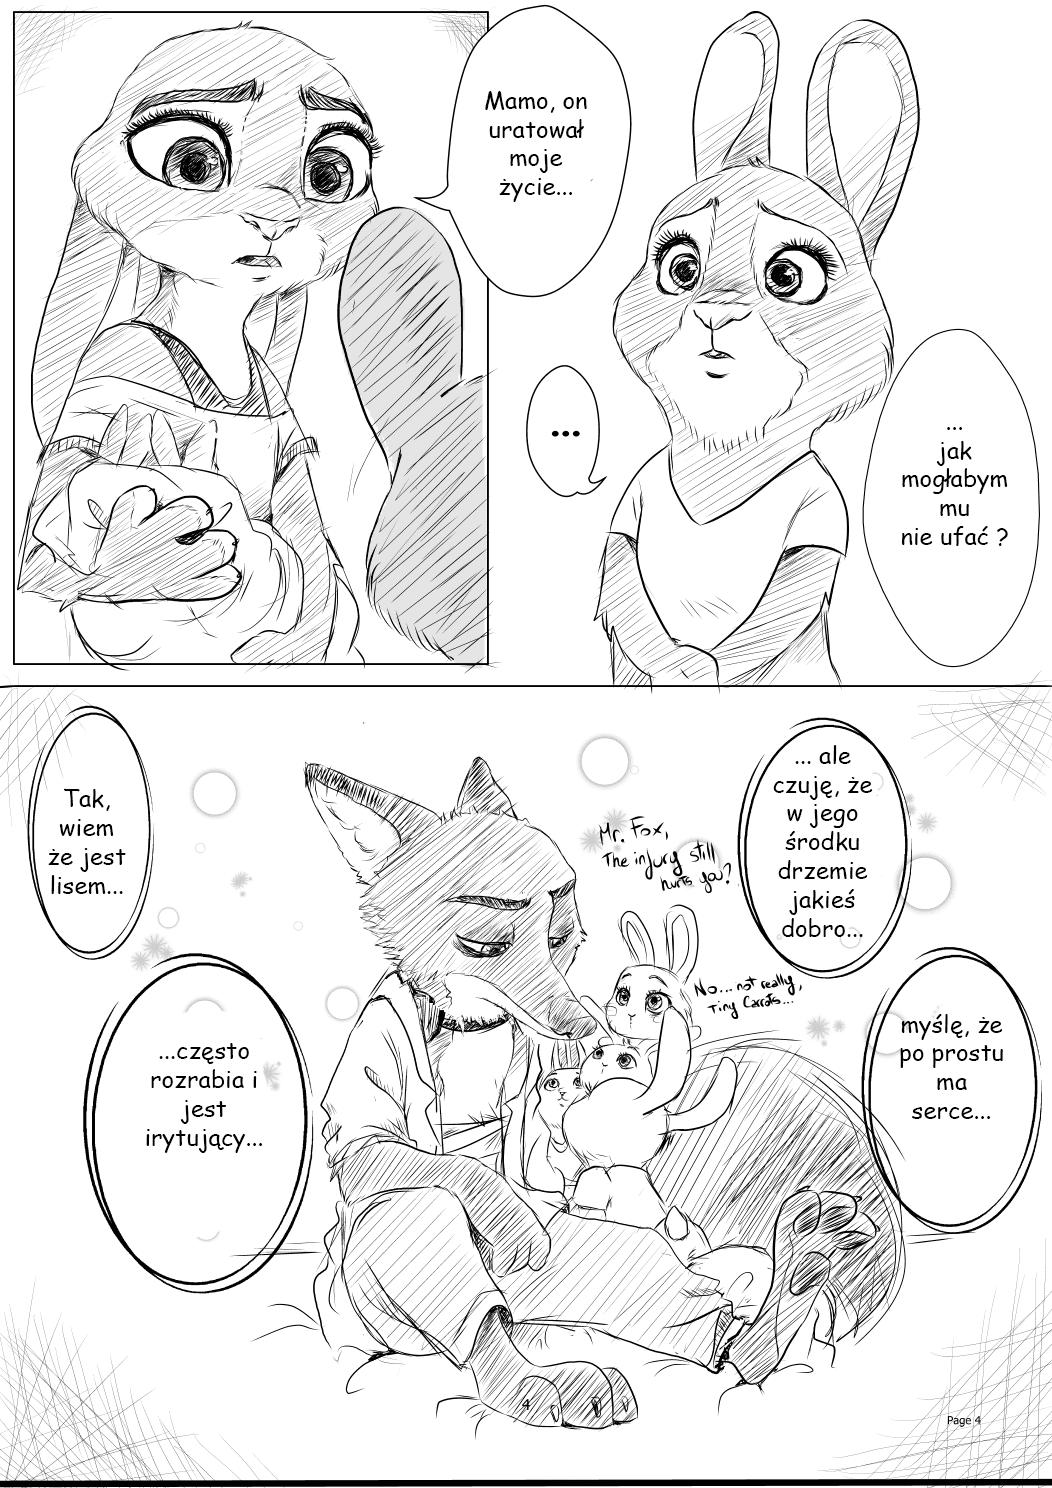 komiks_4.png